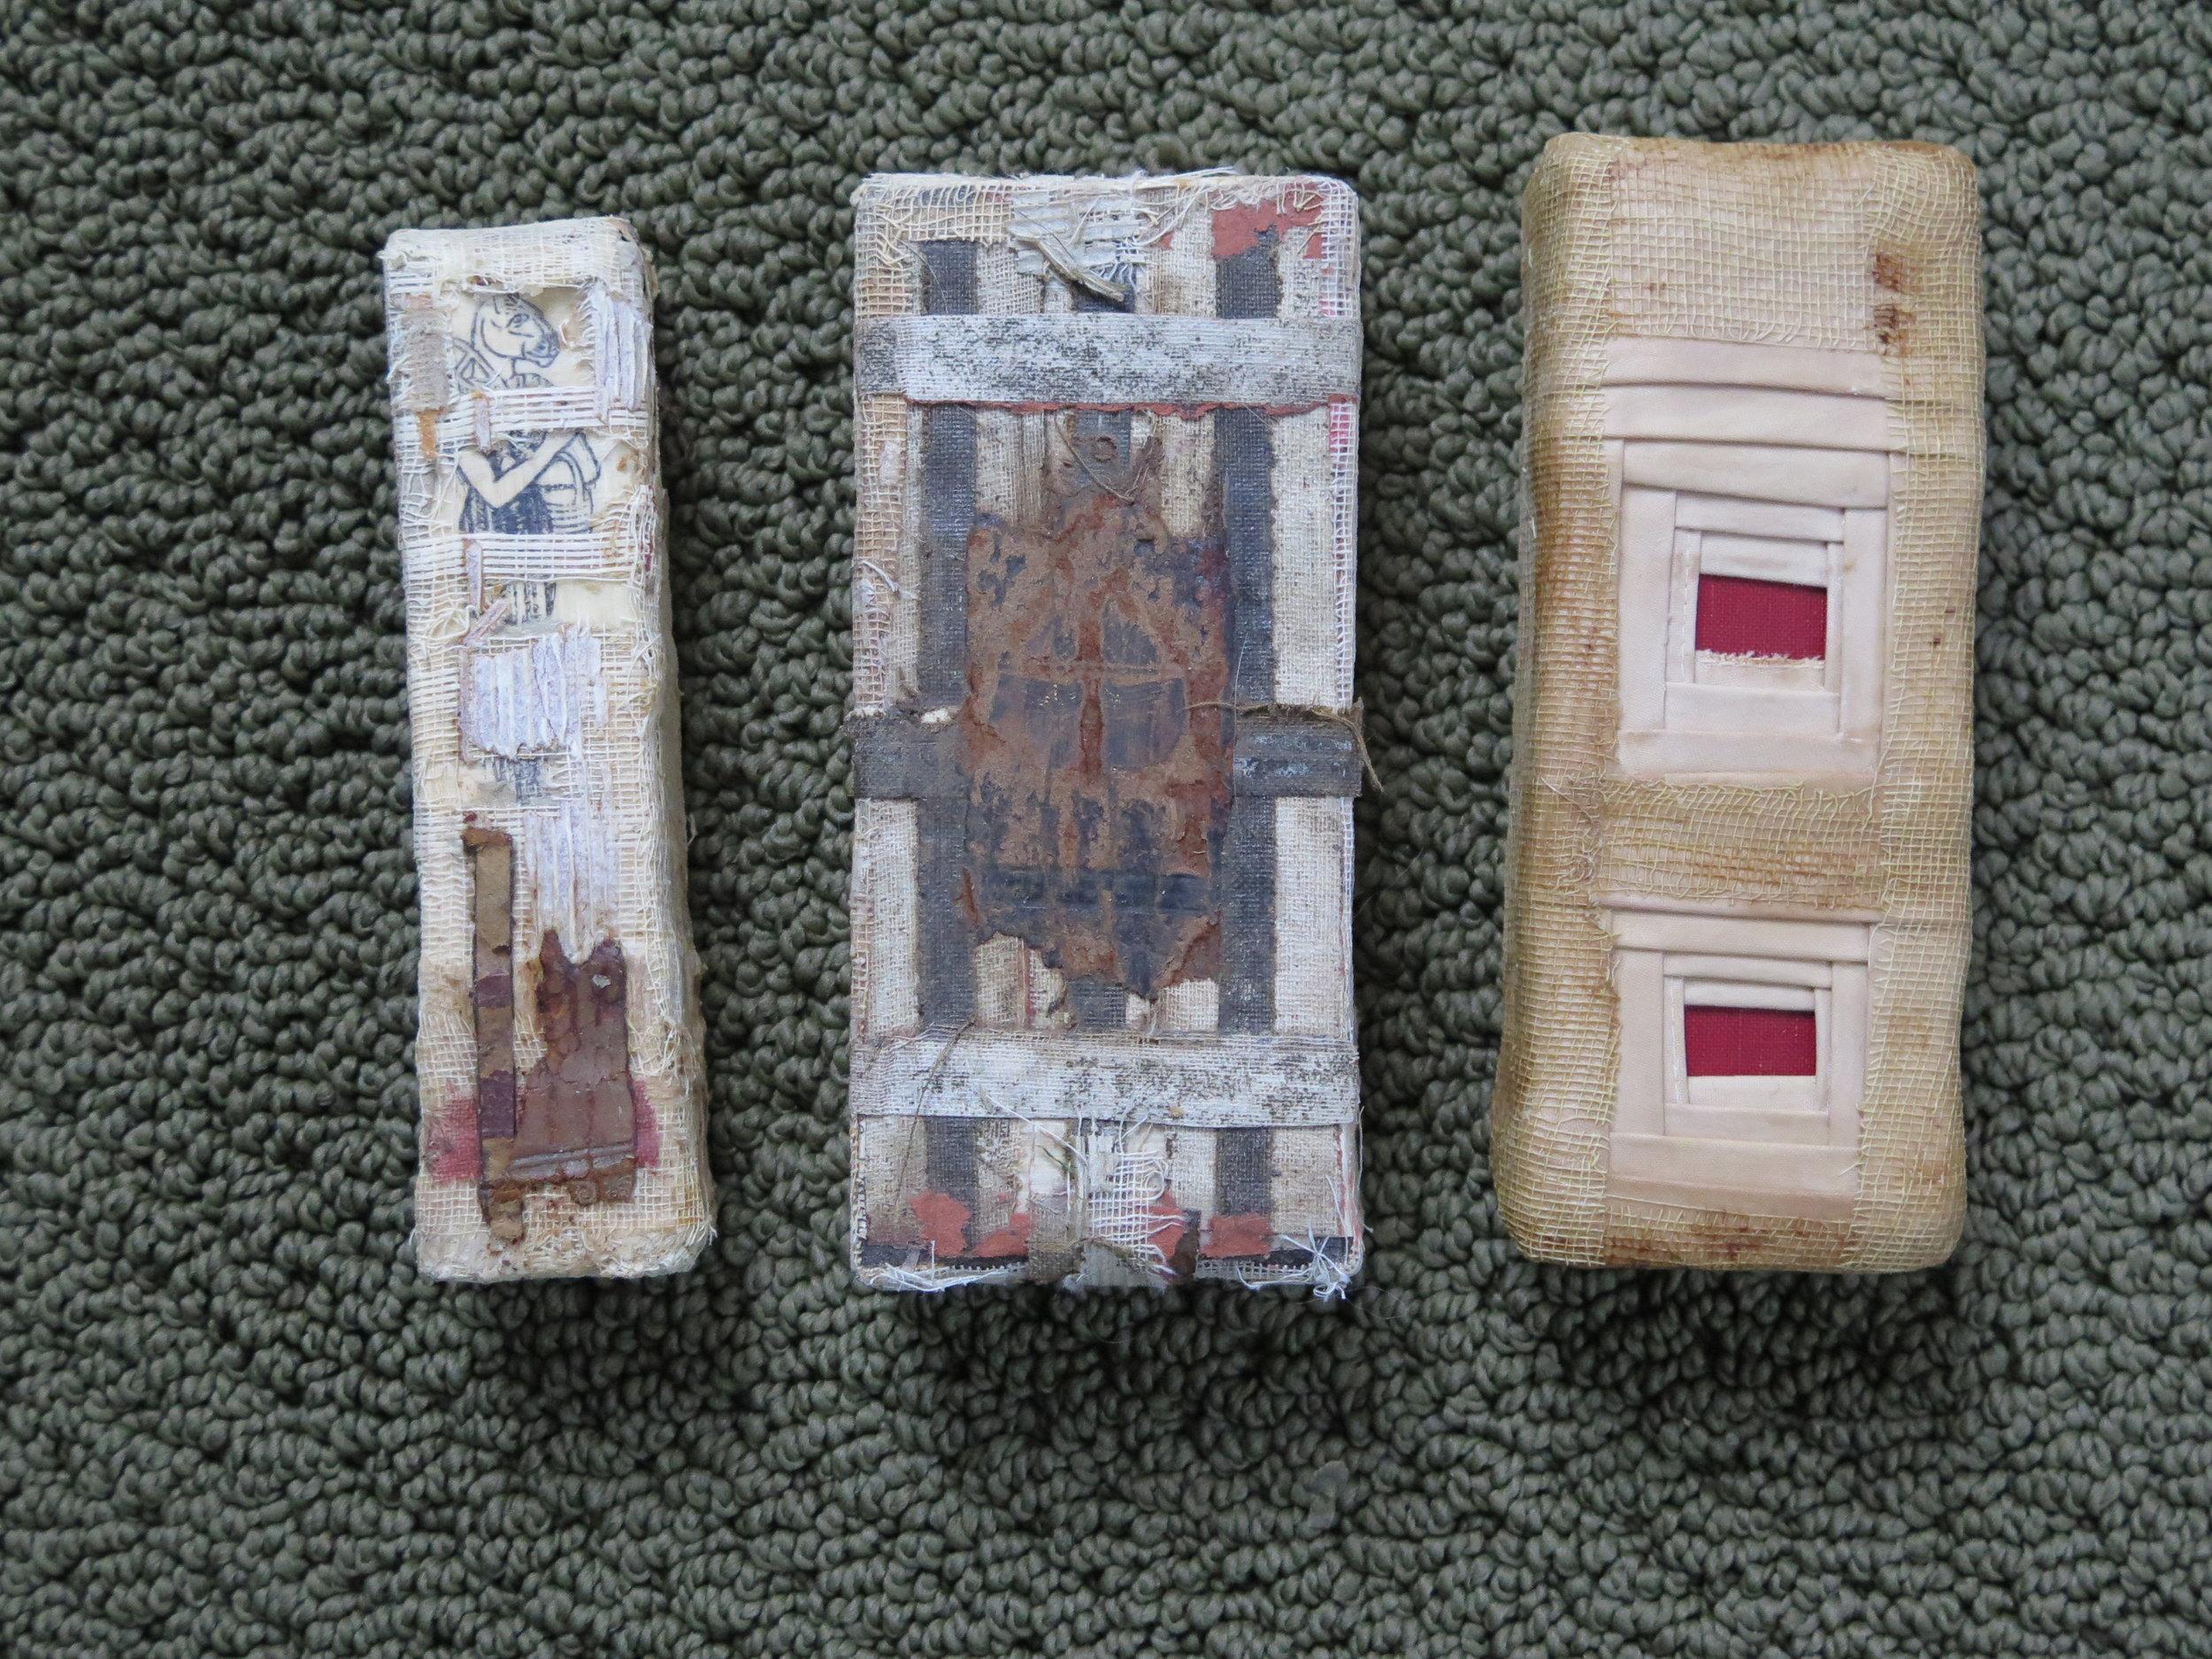 Mummified Books